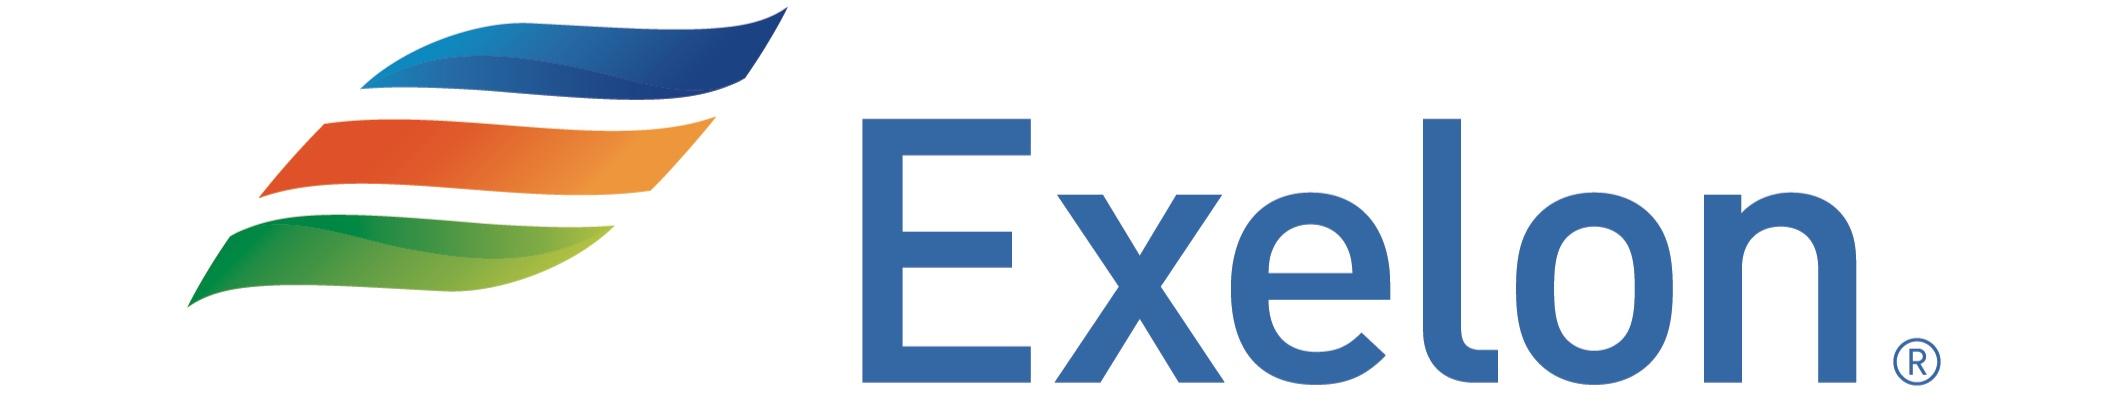 Exelon CMYK Horizontal Positive-01.jpg